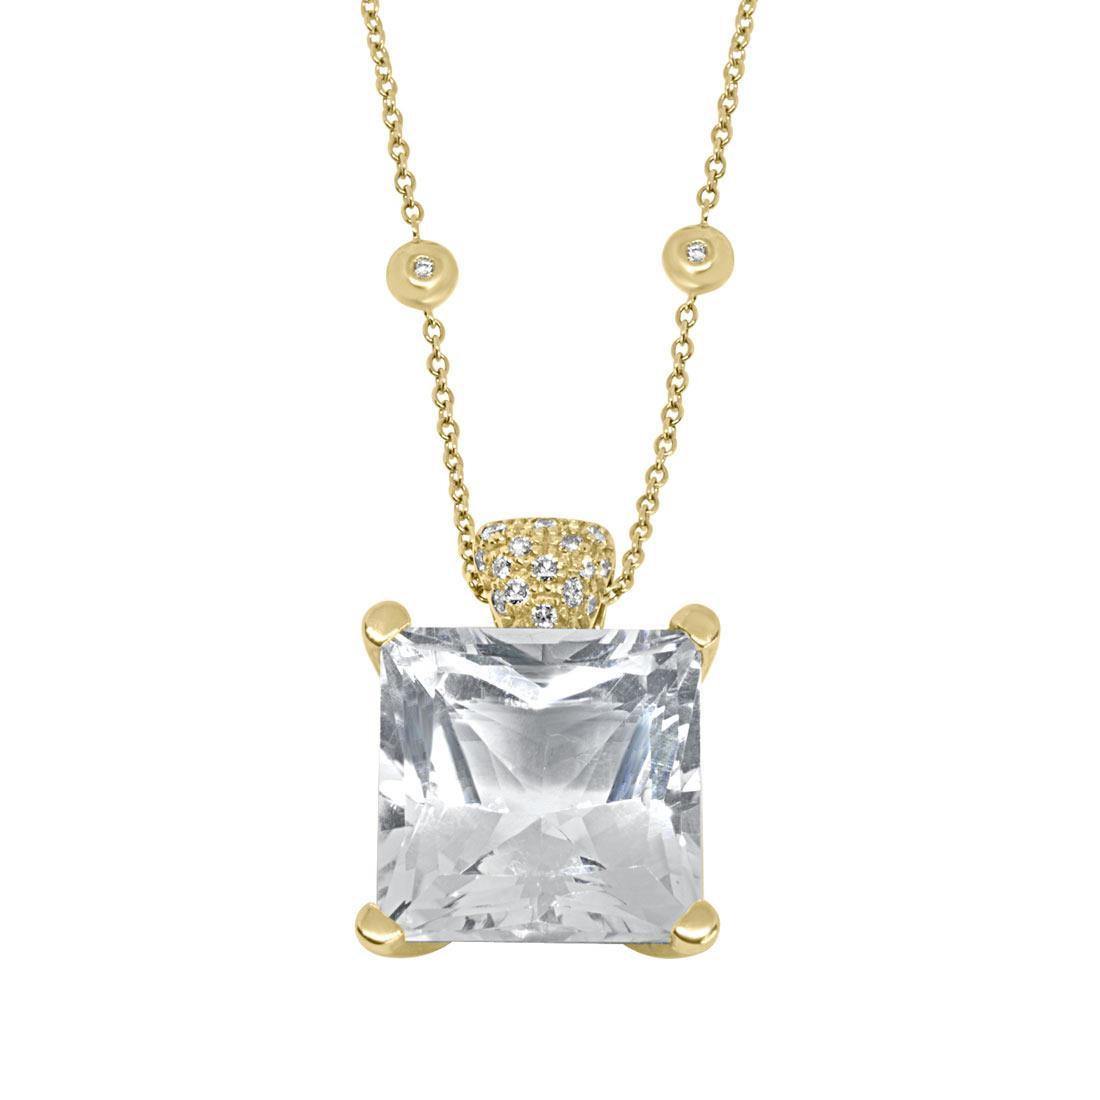 Collana in oro giallo con pietra semipreziosa - ALFIERI ST JOHN